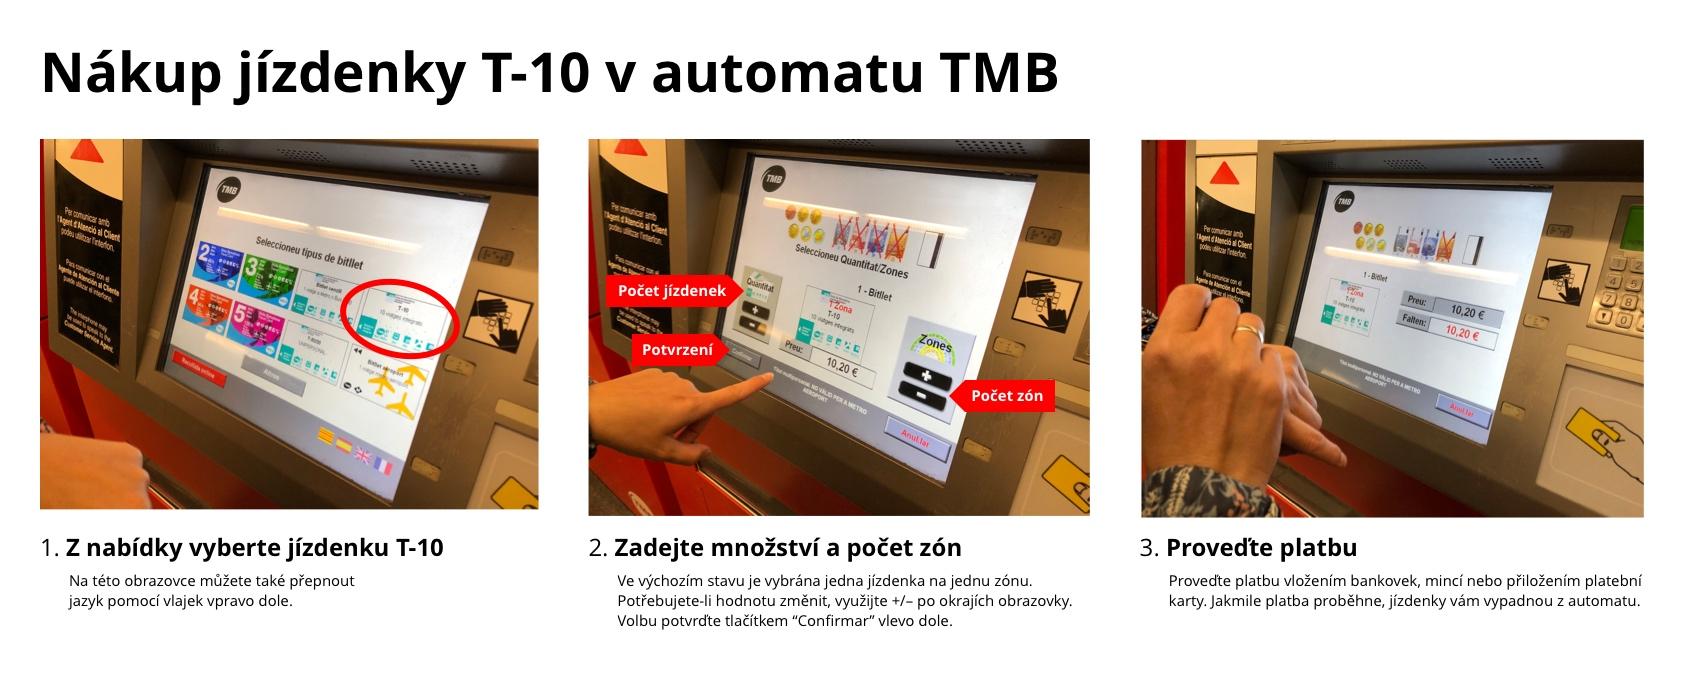 Postup nákupu jízdenky T-10 v automatu